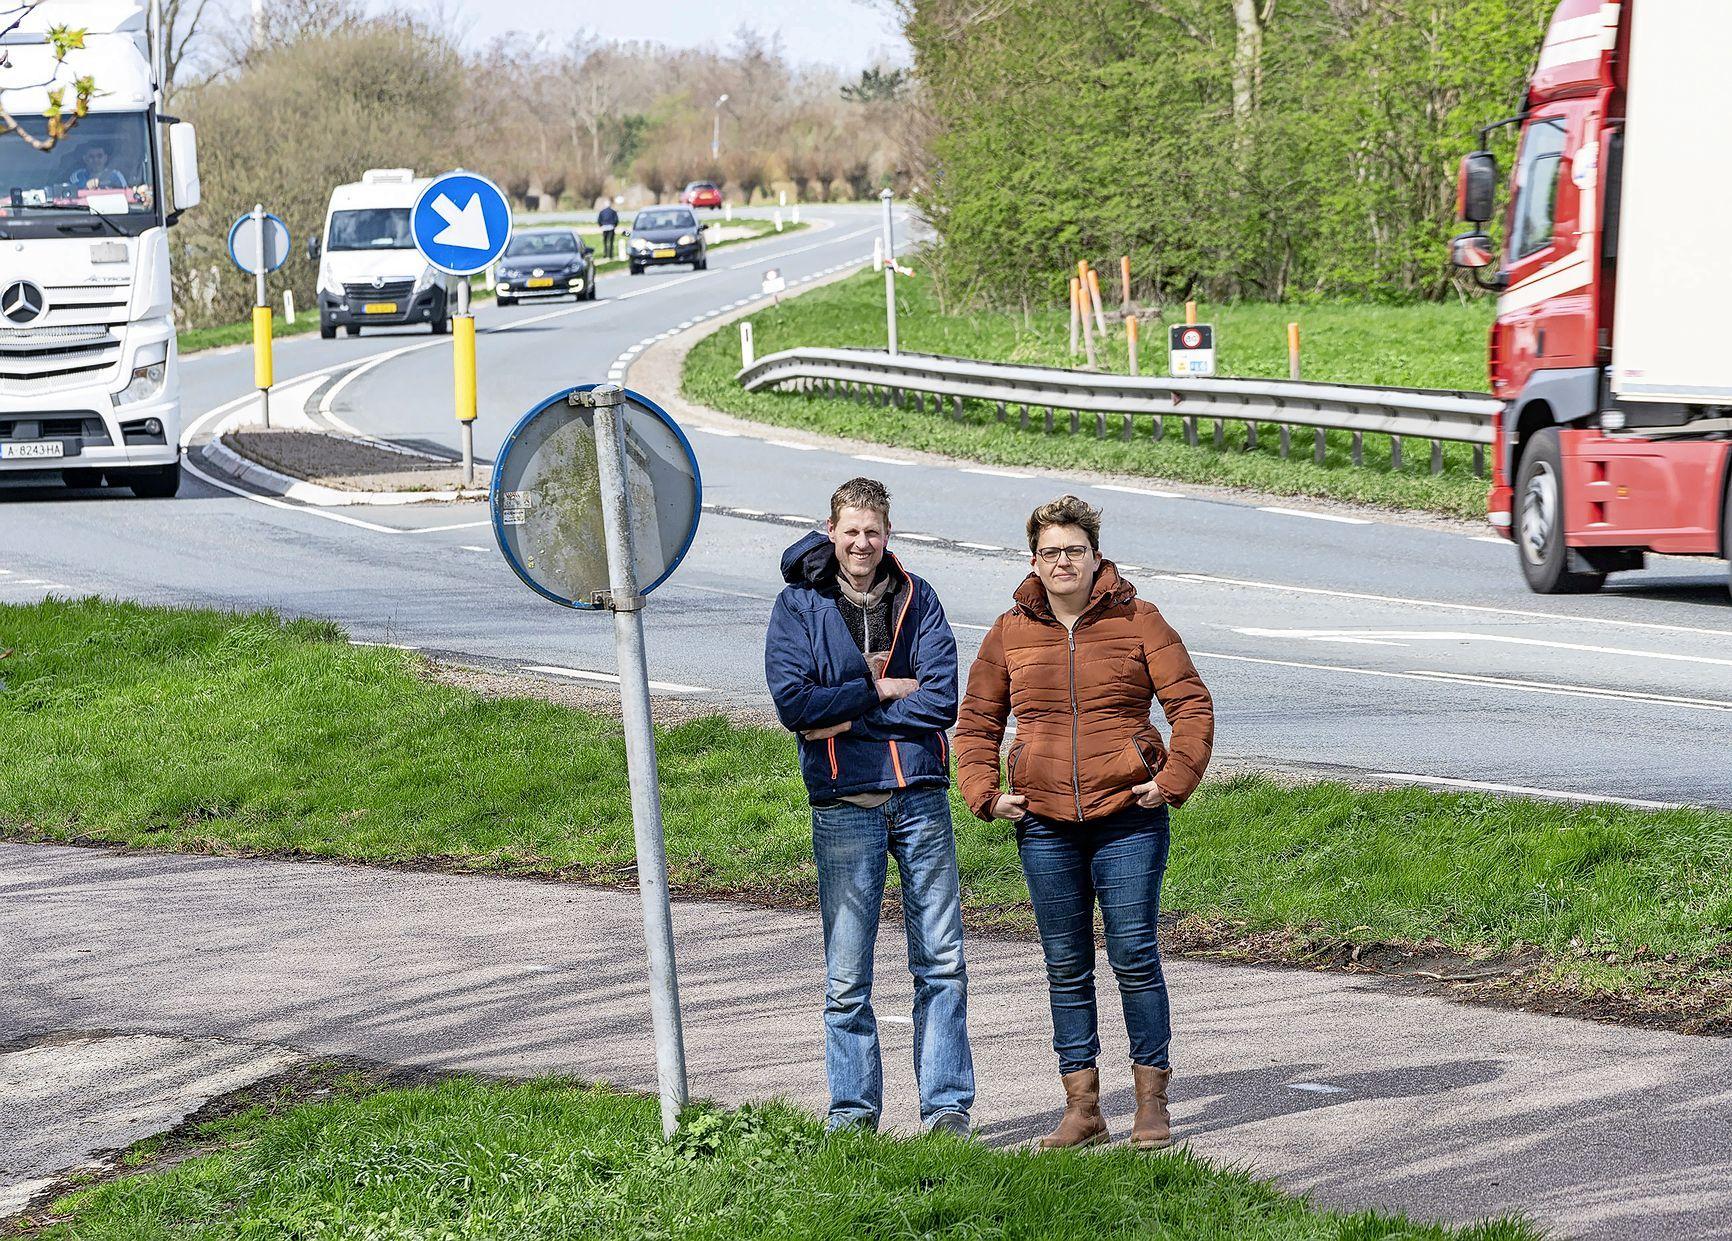 'Druppel' in bocht beruchte 'dodenweg' N241 verdwijnt, terwijl het obstakel juist zware ongelukken voorkomt. 'Minimaal zeven mensen verongelukt'